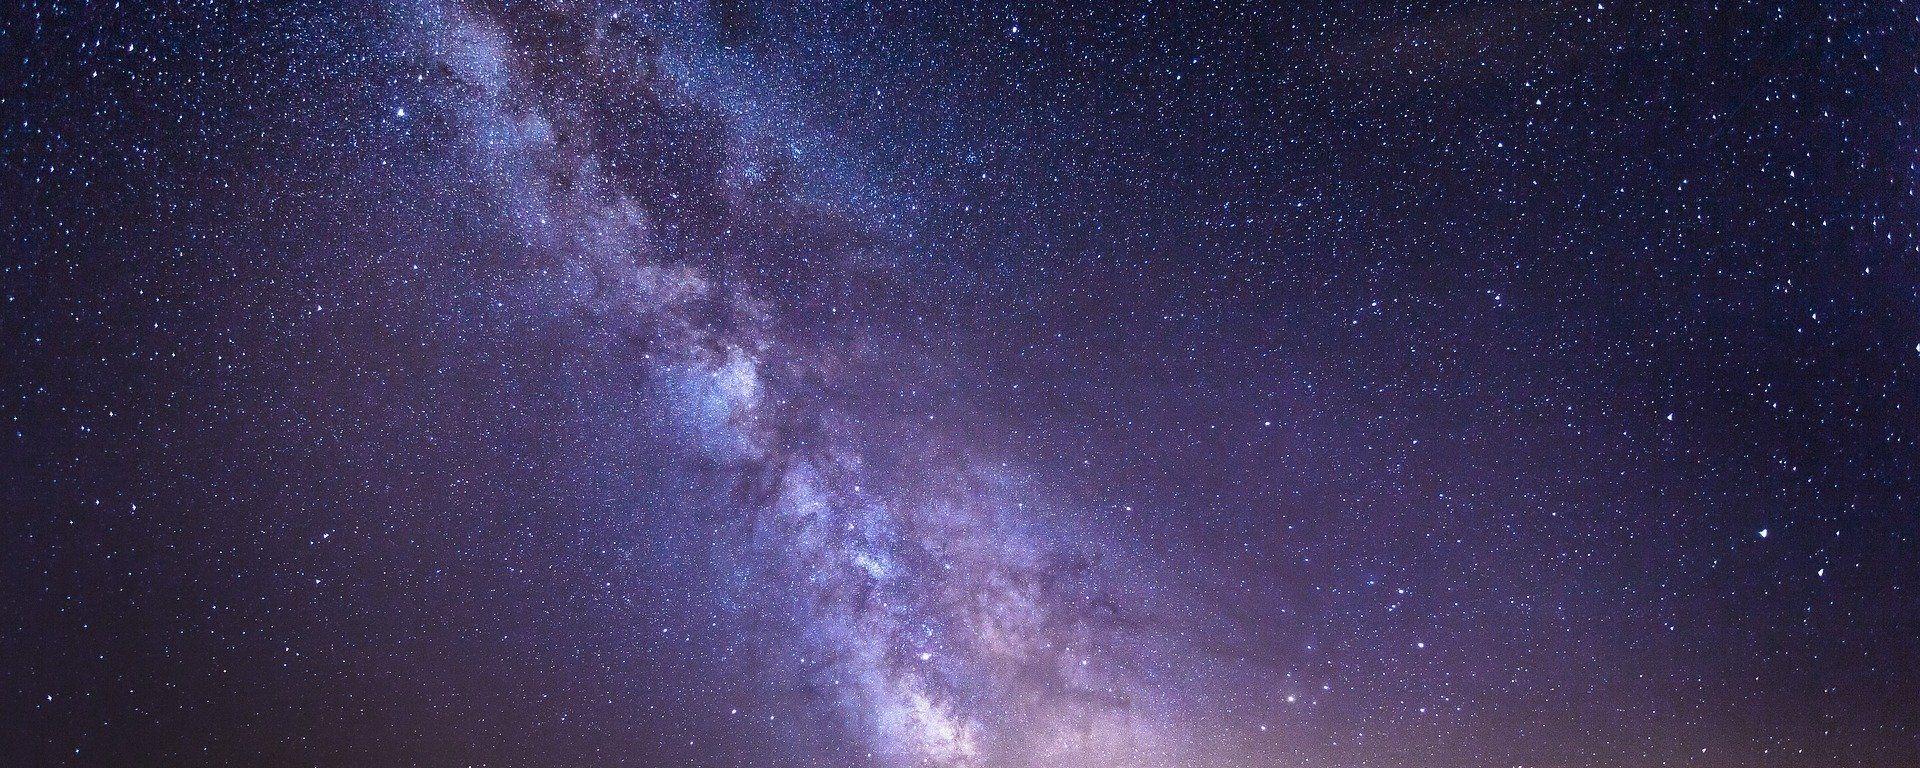 Milky Way - Sputnik World, 1920, 03/24/2021